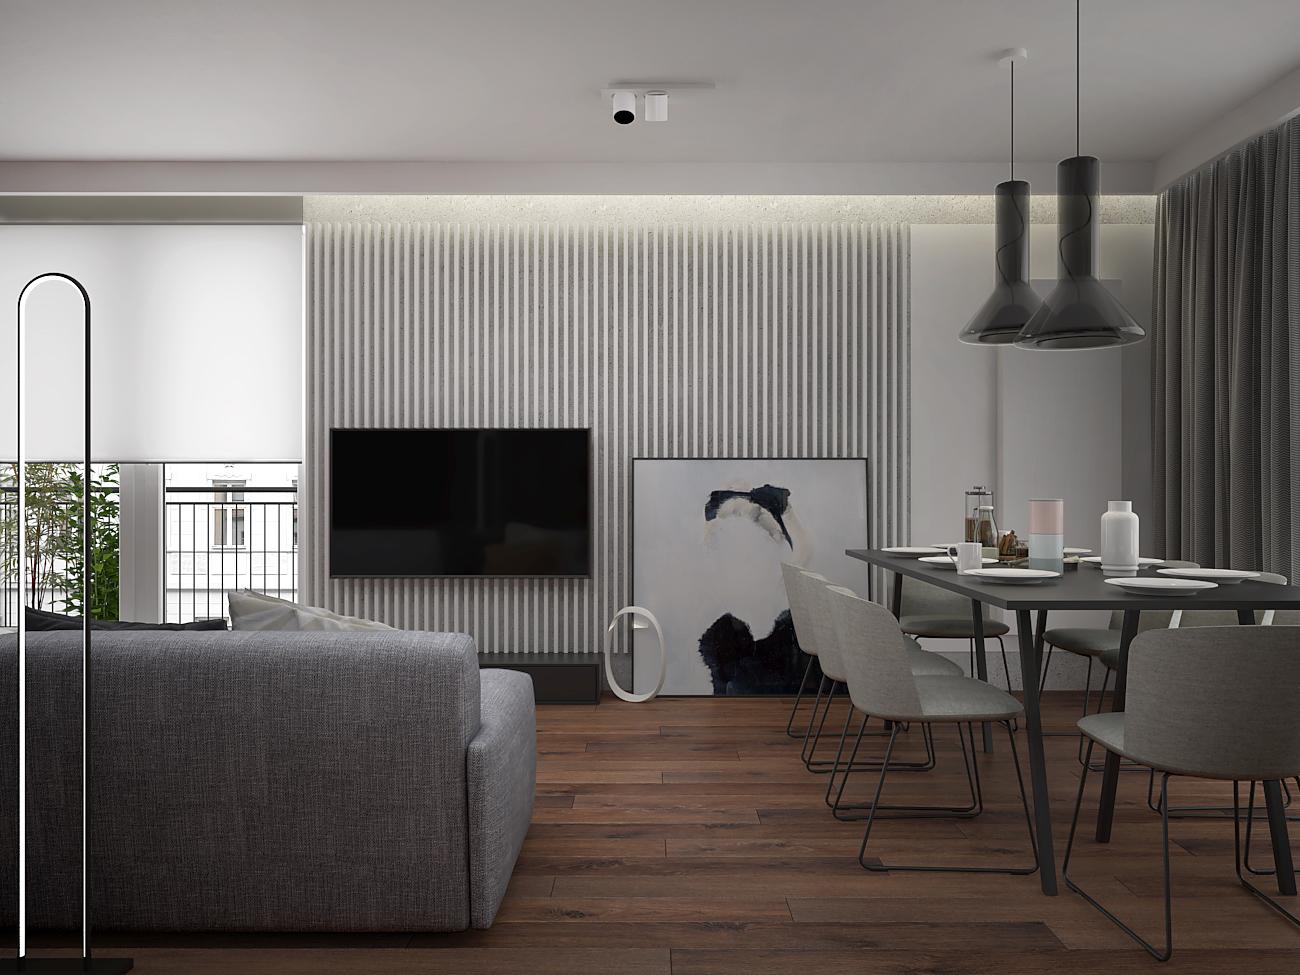 4 aranzacja wnetrza M563 mieszkanie katowice salon z jadalnia biale lamele na scianie nowoczesny stol jadalniany tapicerowane krzesla nowoczesne lampy deska na podlodze